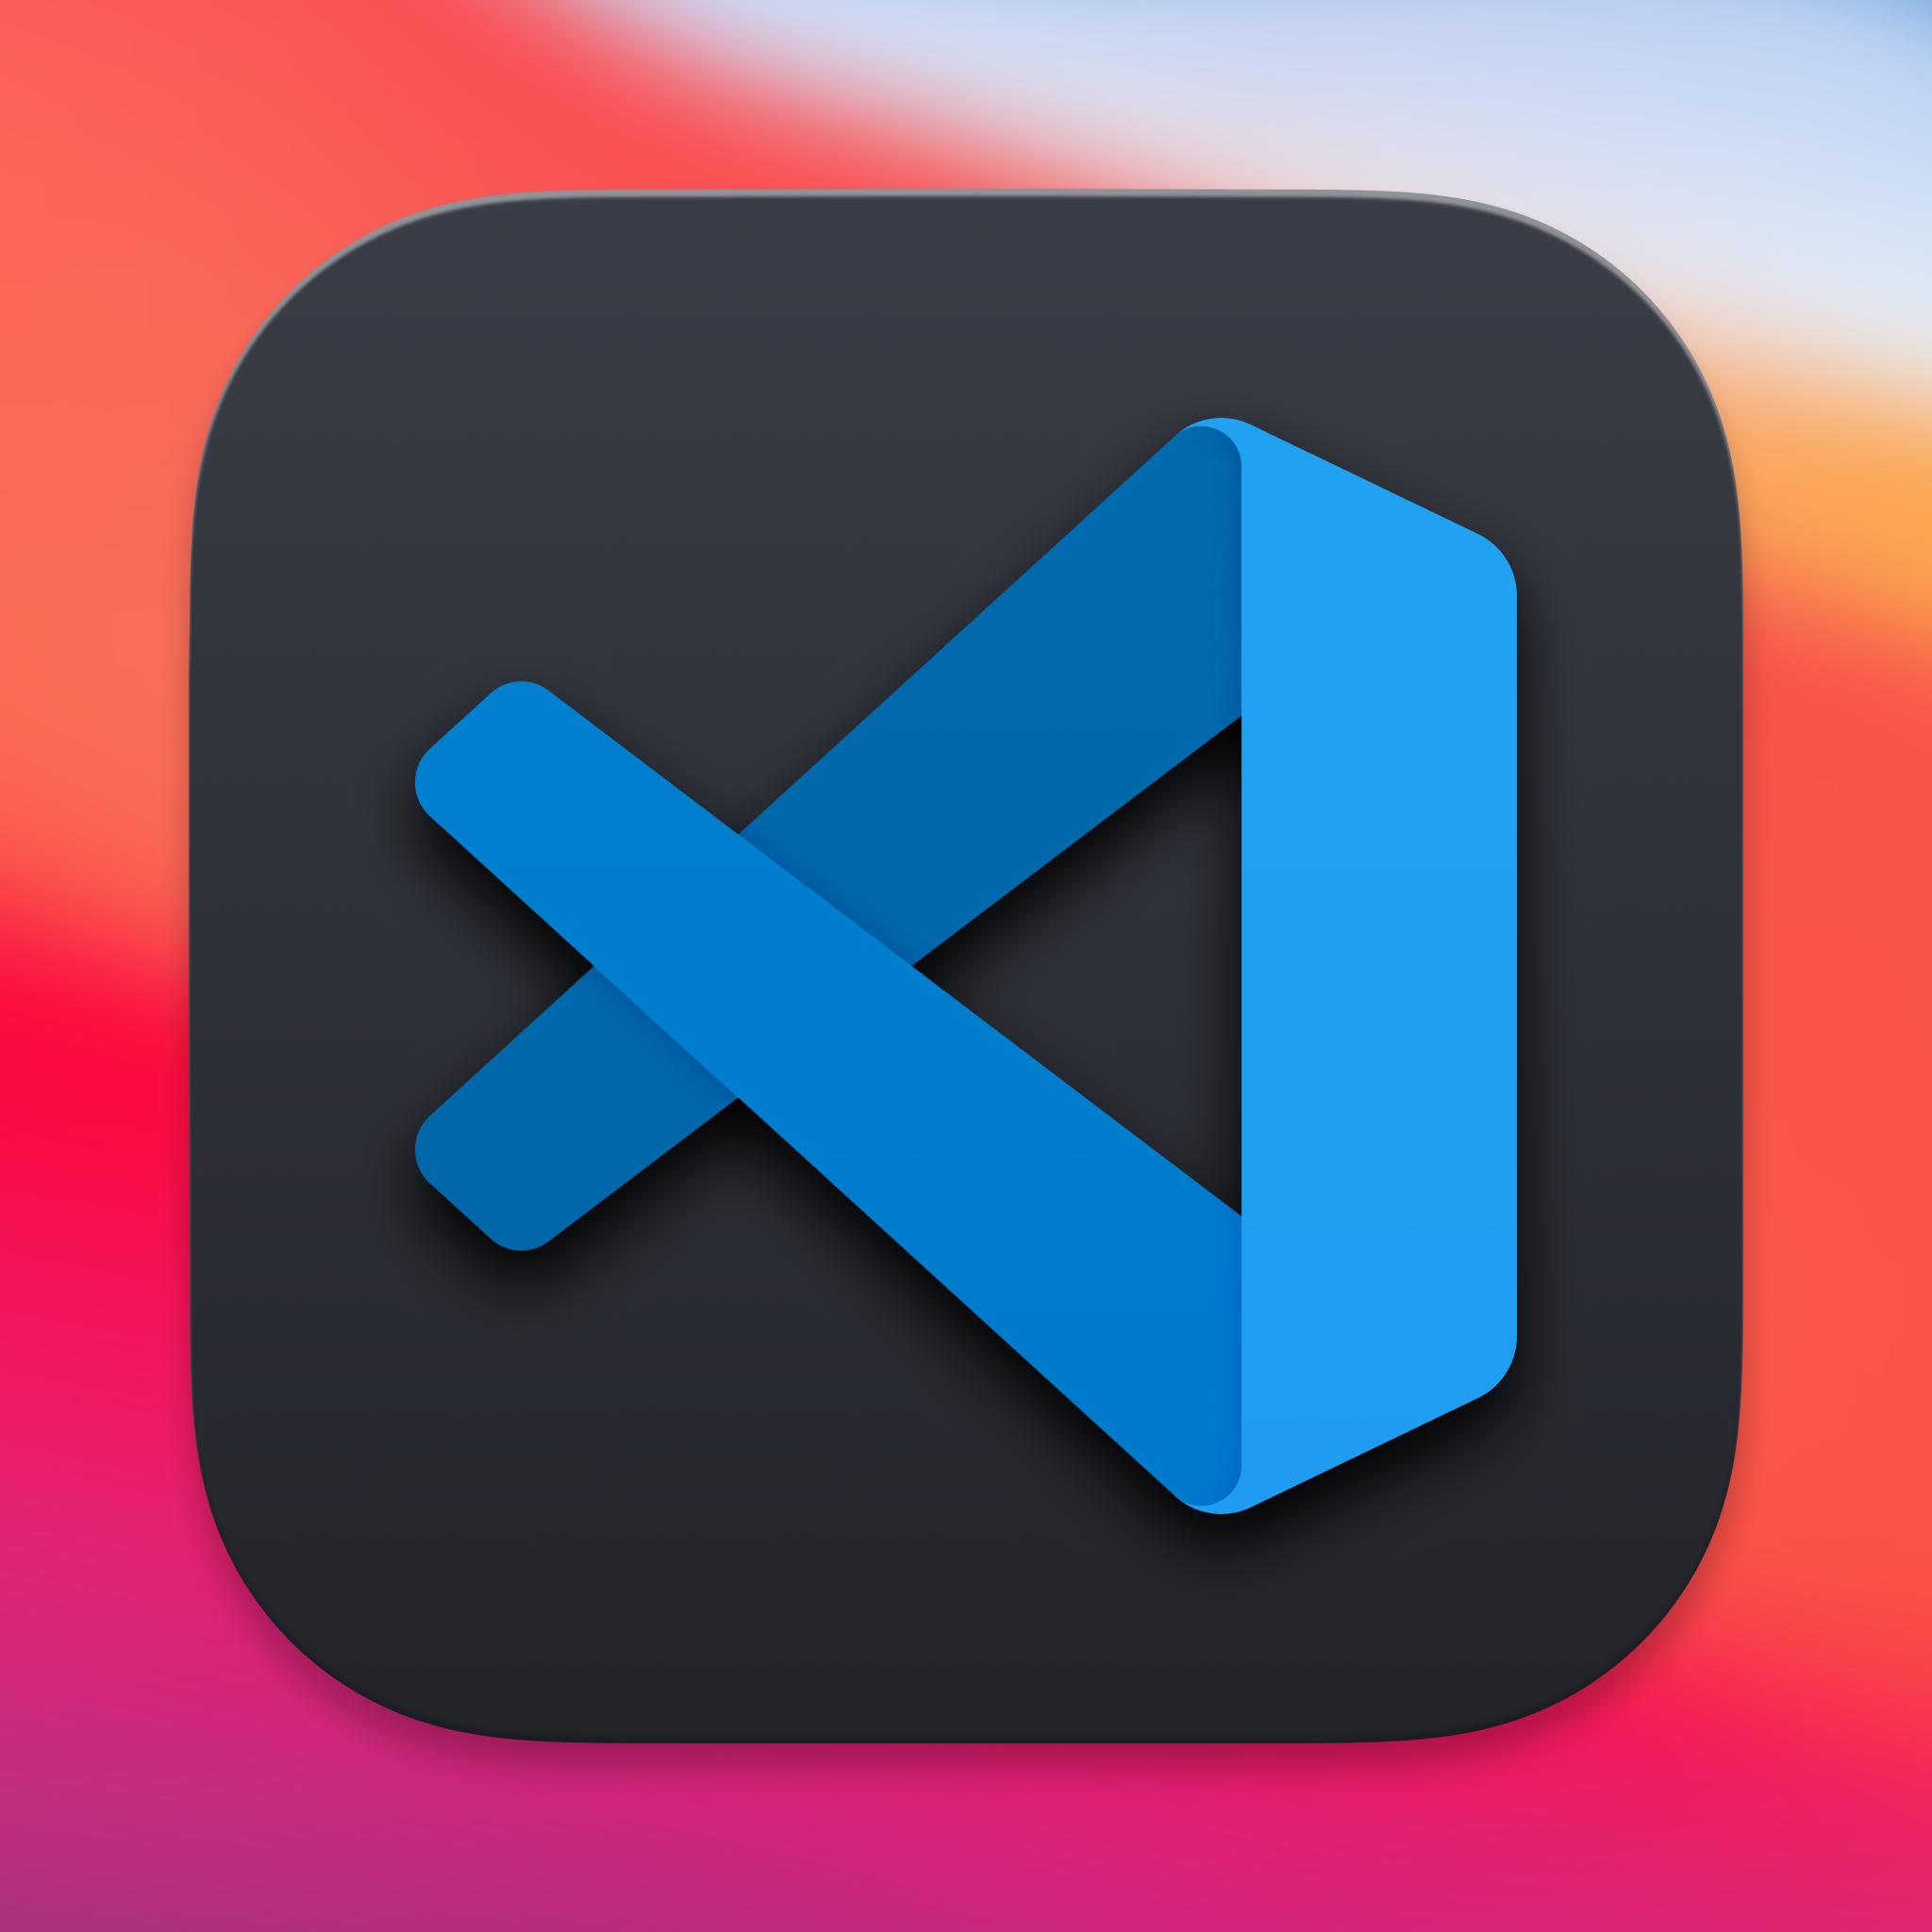 dark-vscode-icon